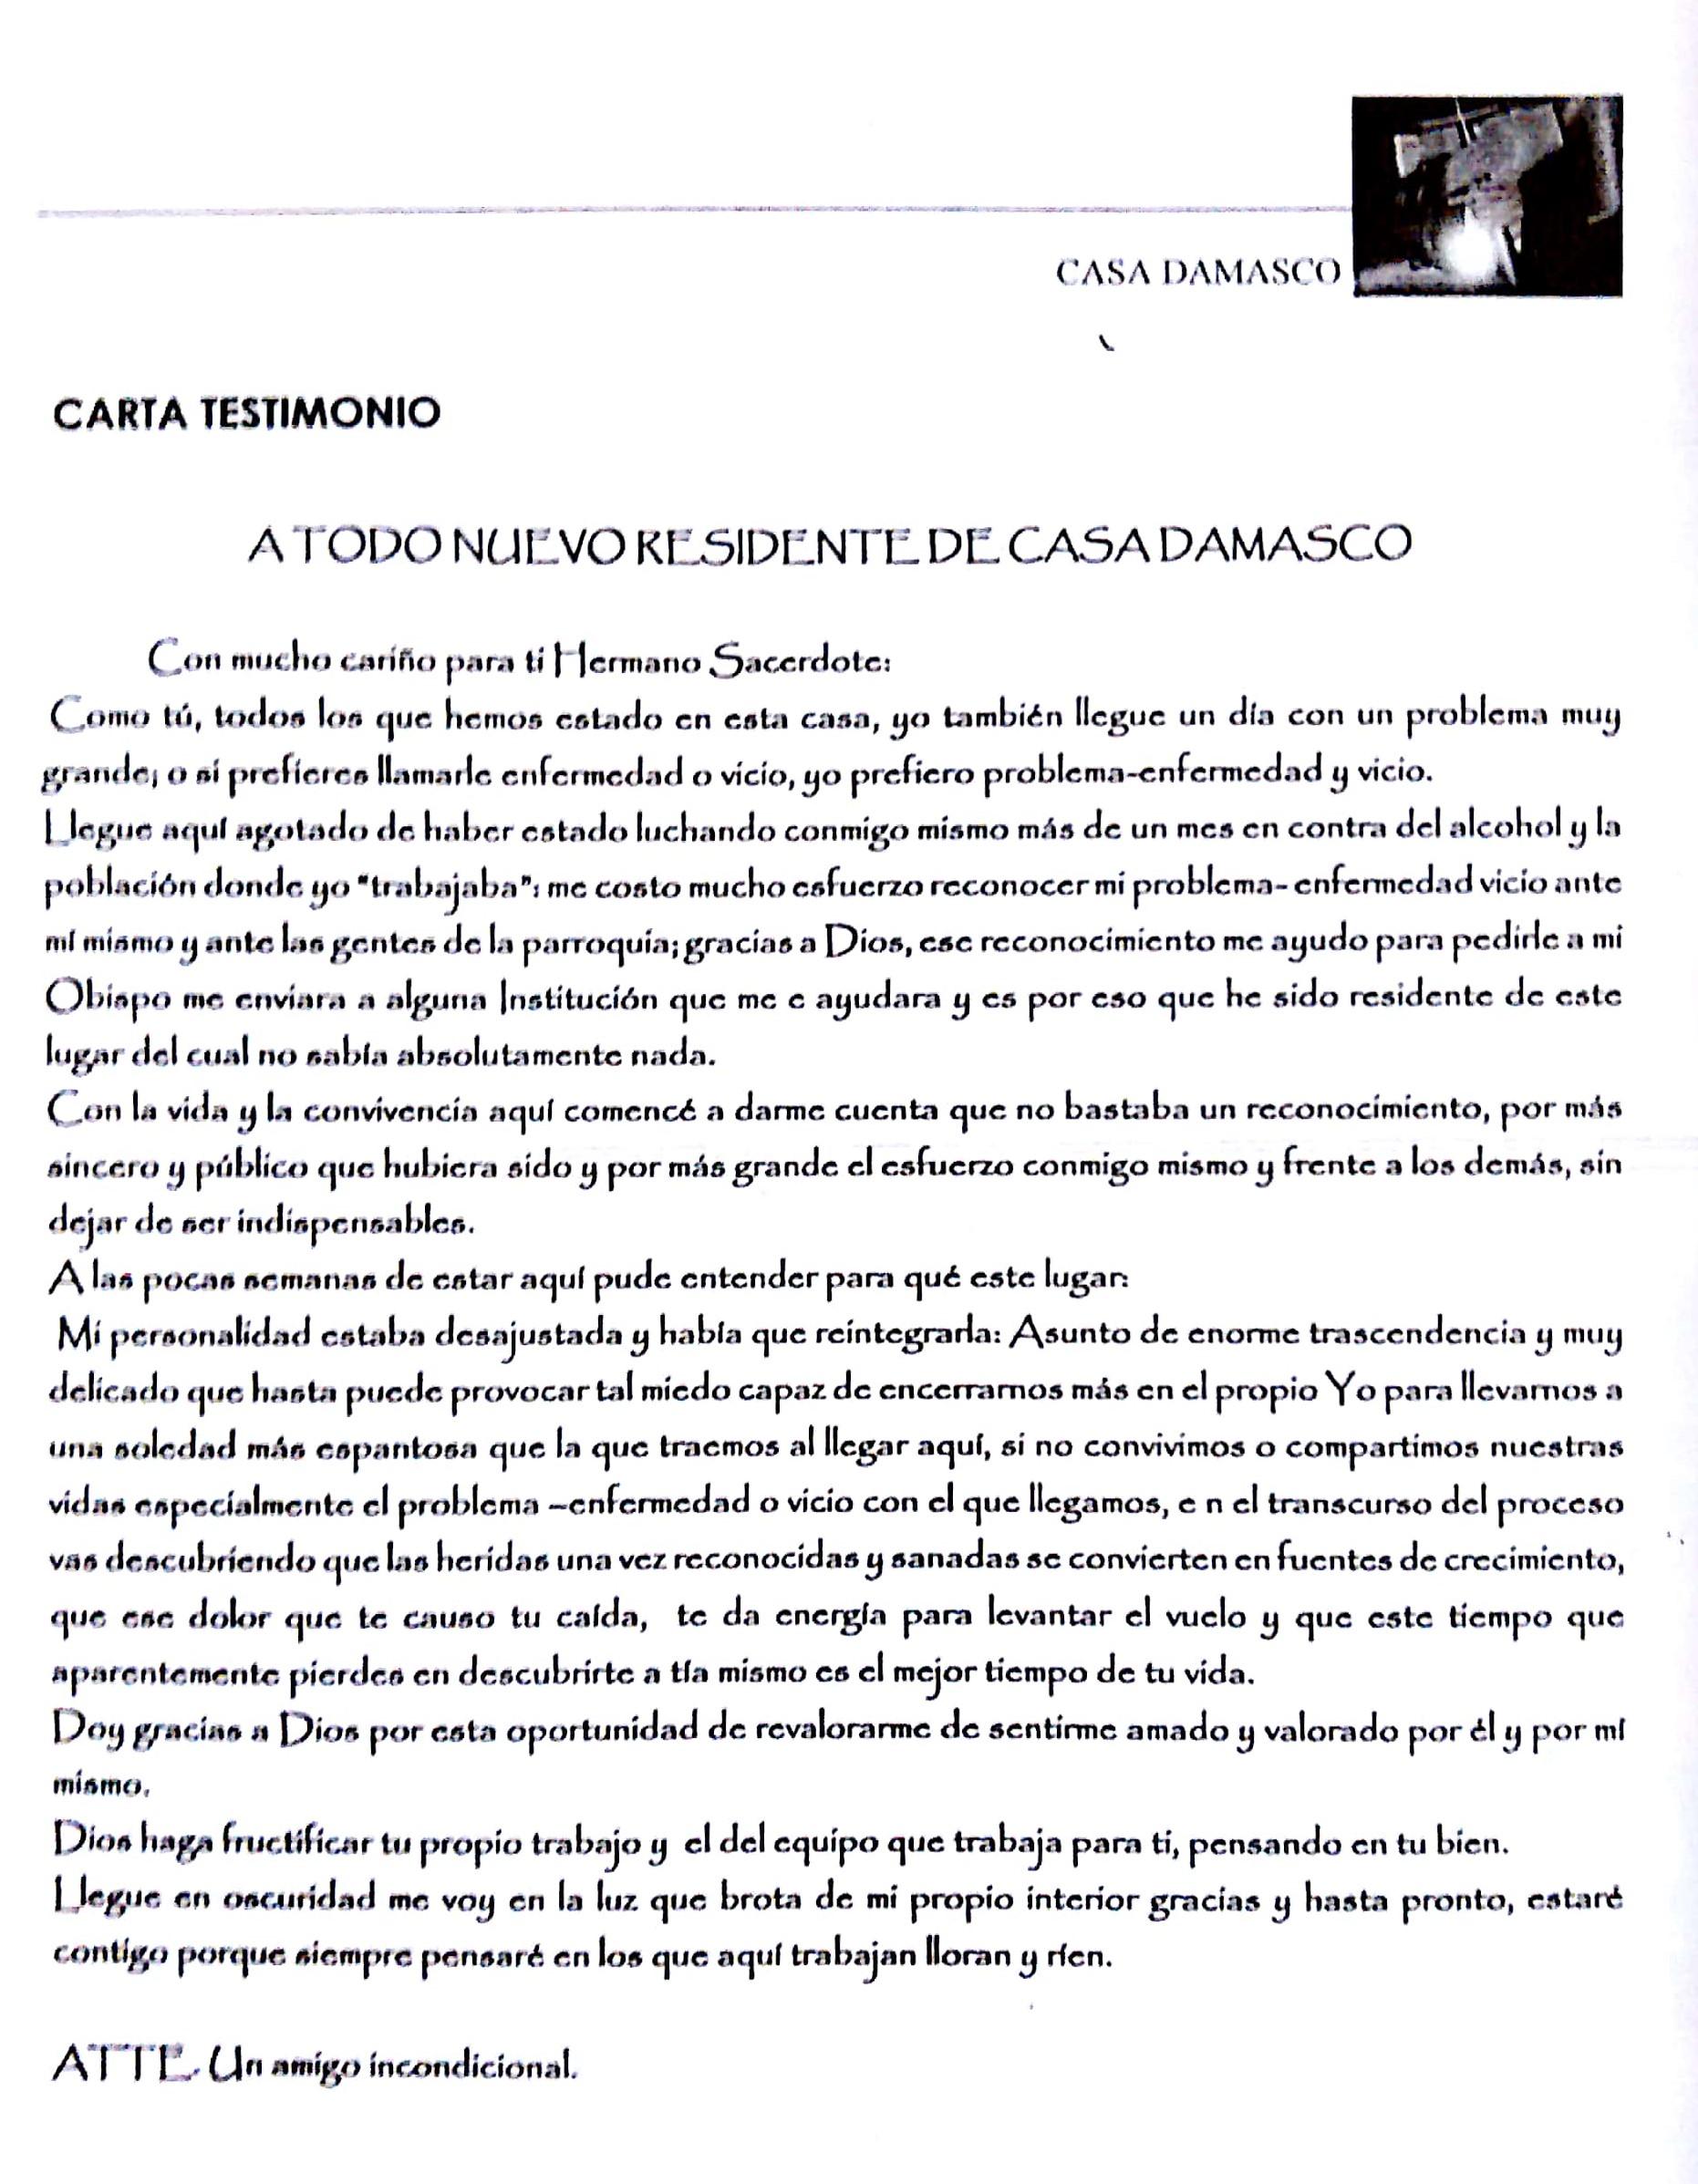 carta damasco